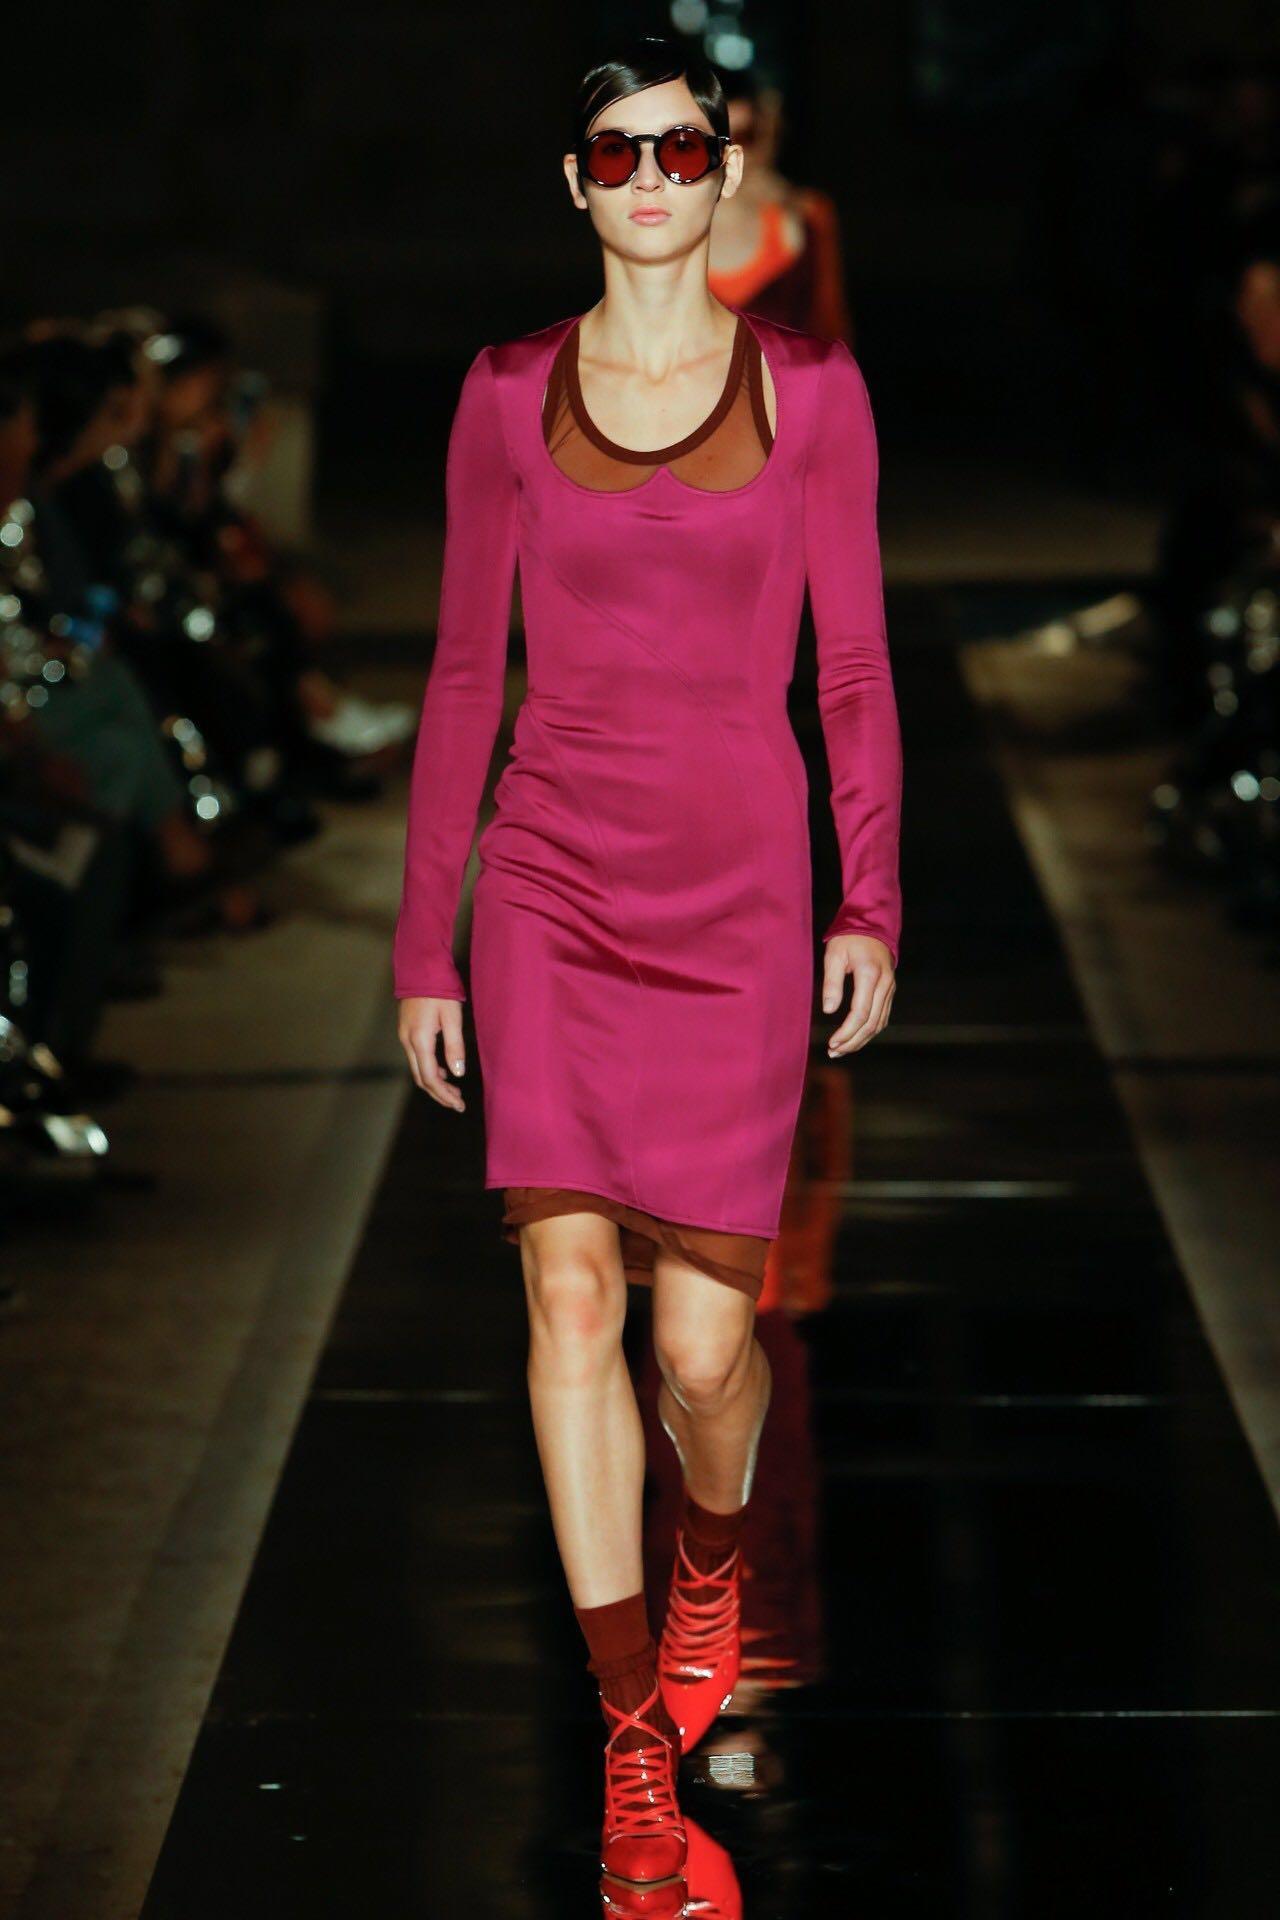 巴黎时装周上的新潮流是这些!为时尚先锋指点一二(图4)